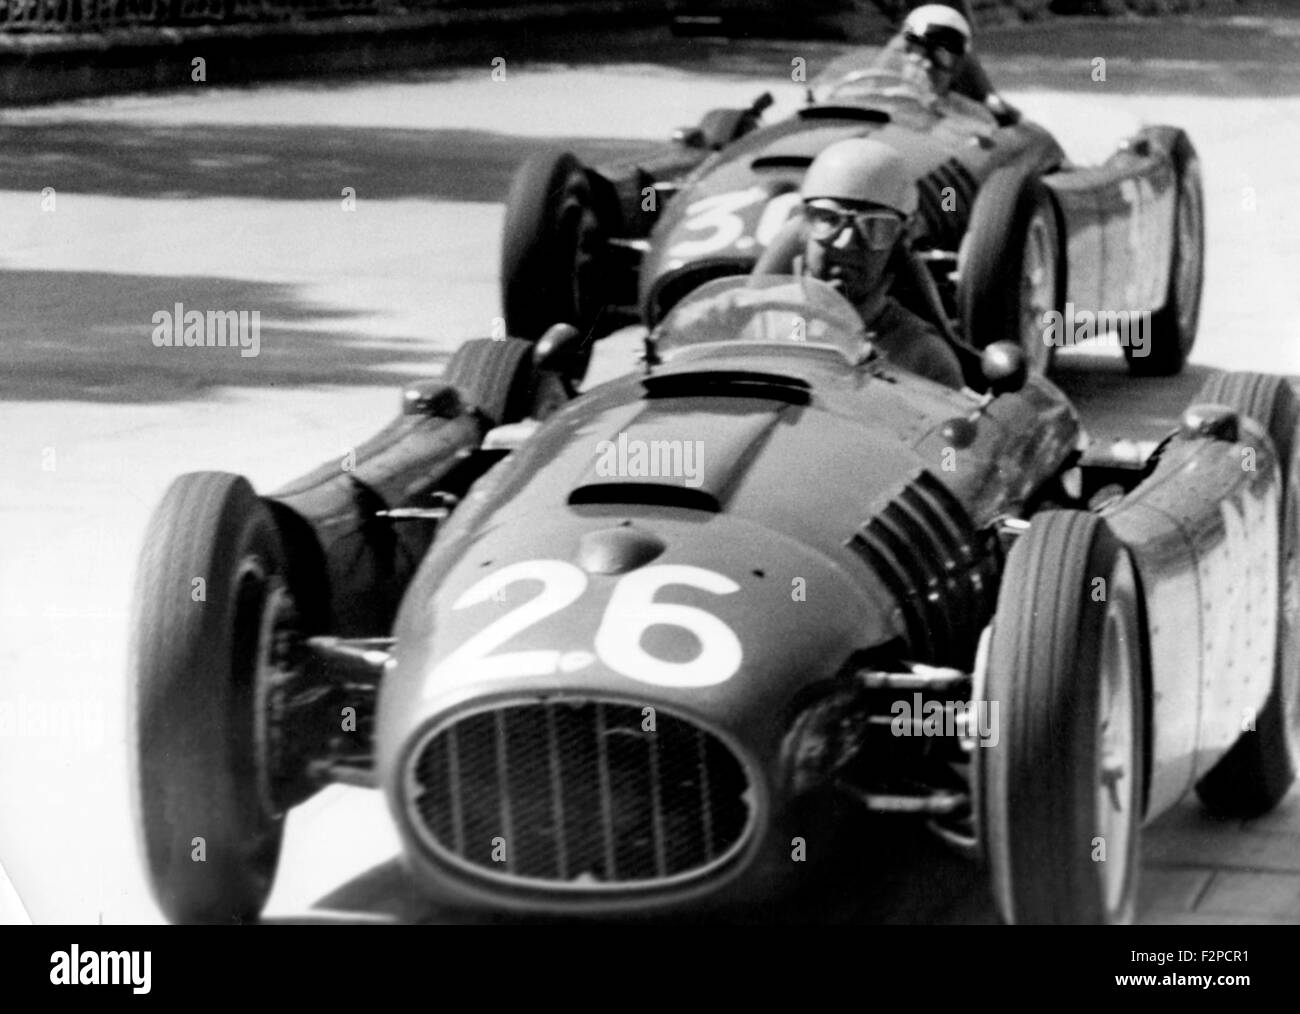 Alberto Ascari in a Lancia D50 at the Monaco GP in Monte Carlo 1955 - Stock Image